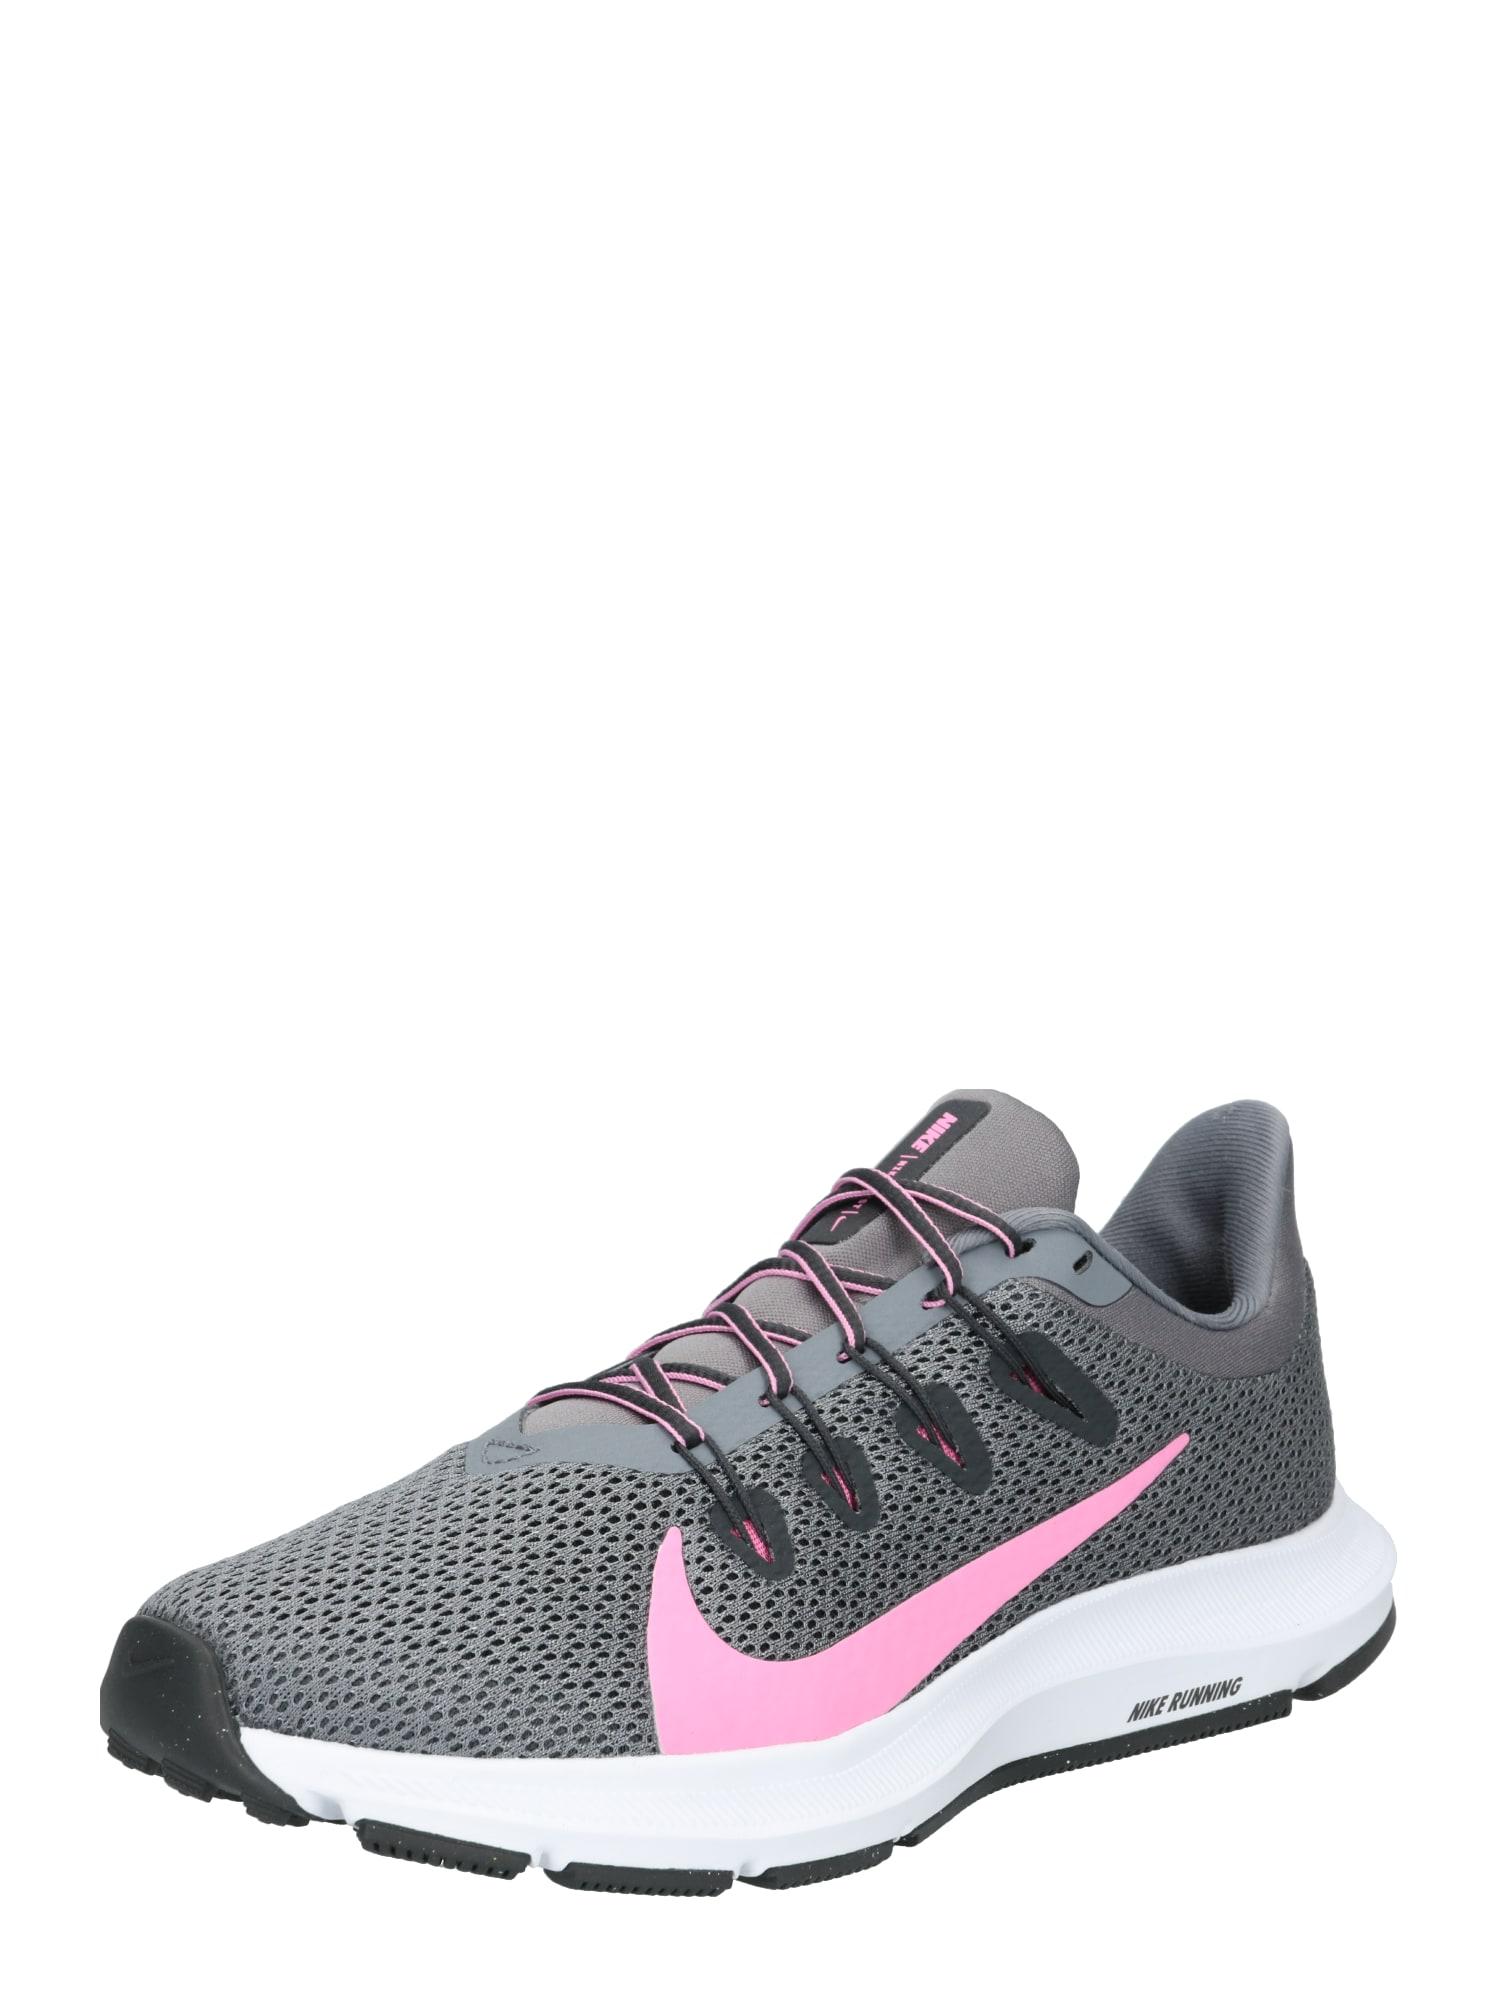 Sportovní boty WMNS QUEST 2 tmavě šedá růžová NIKE